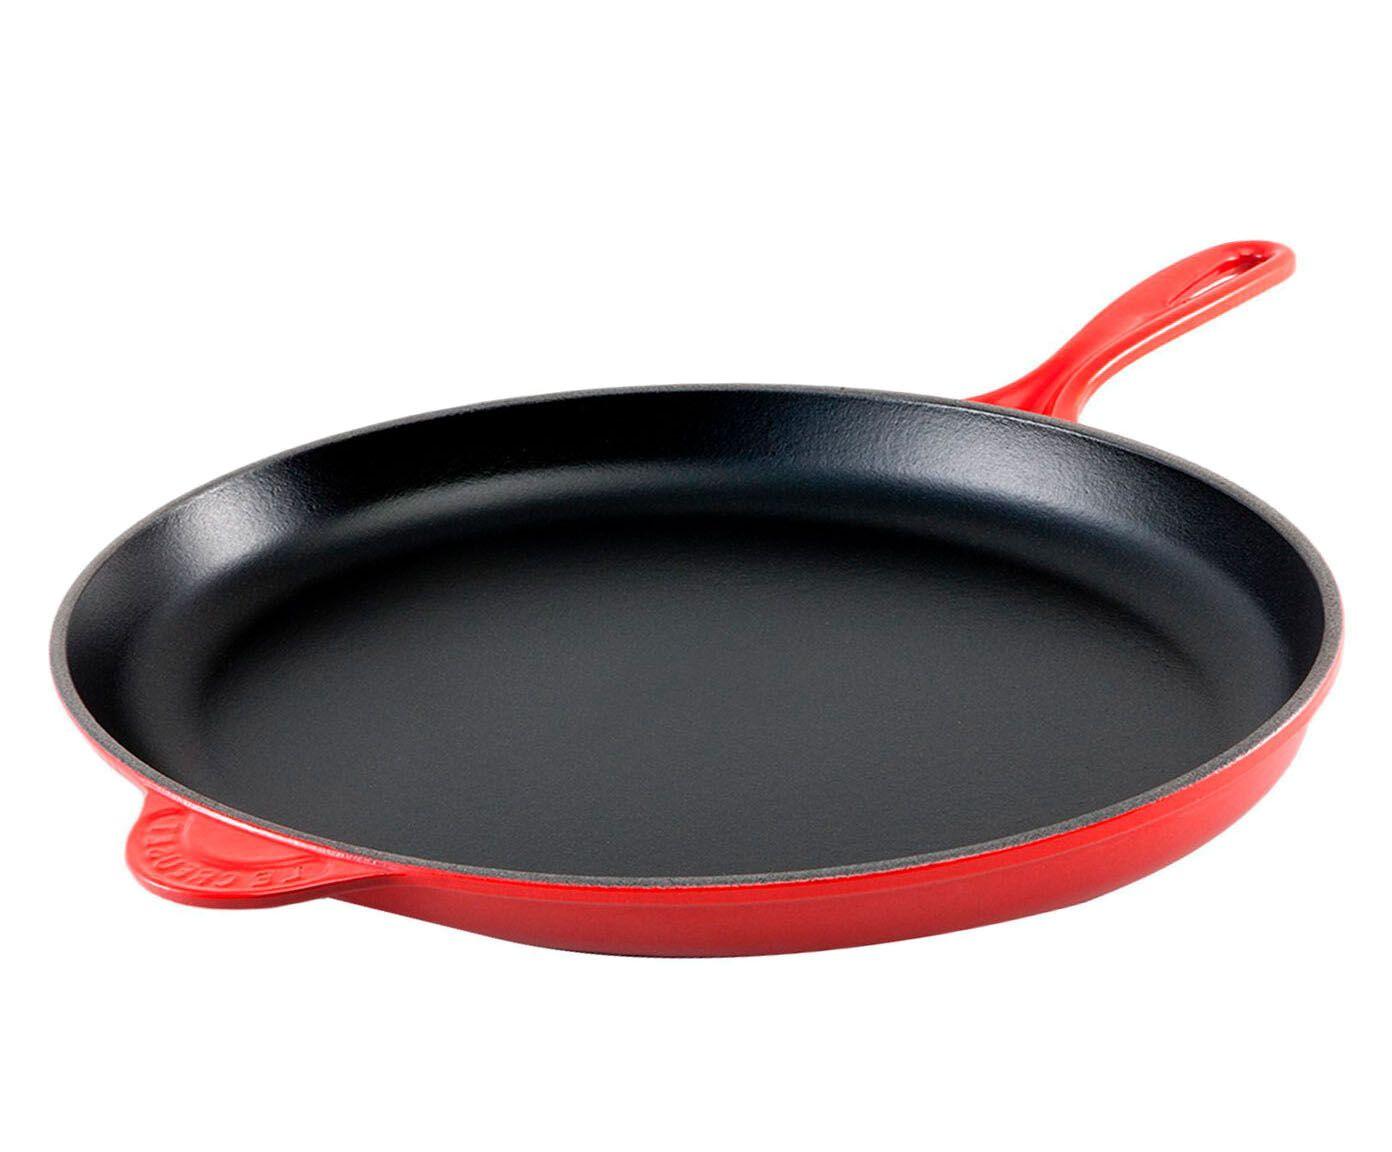 Frigideira Ferro Fundido Esmaltado Vermelha - 40cm | Westwing.com.br